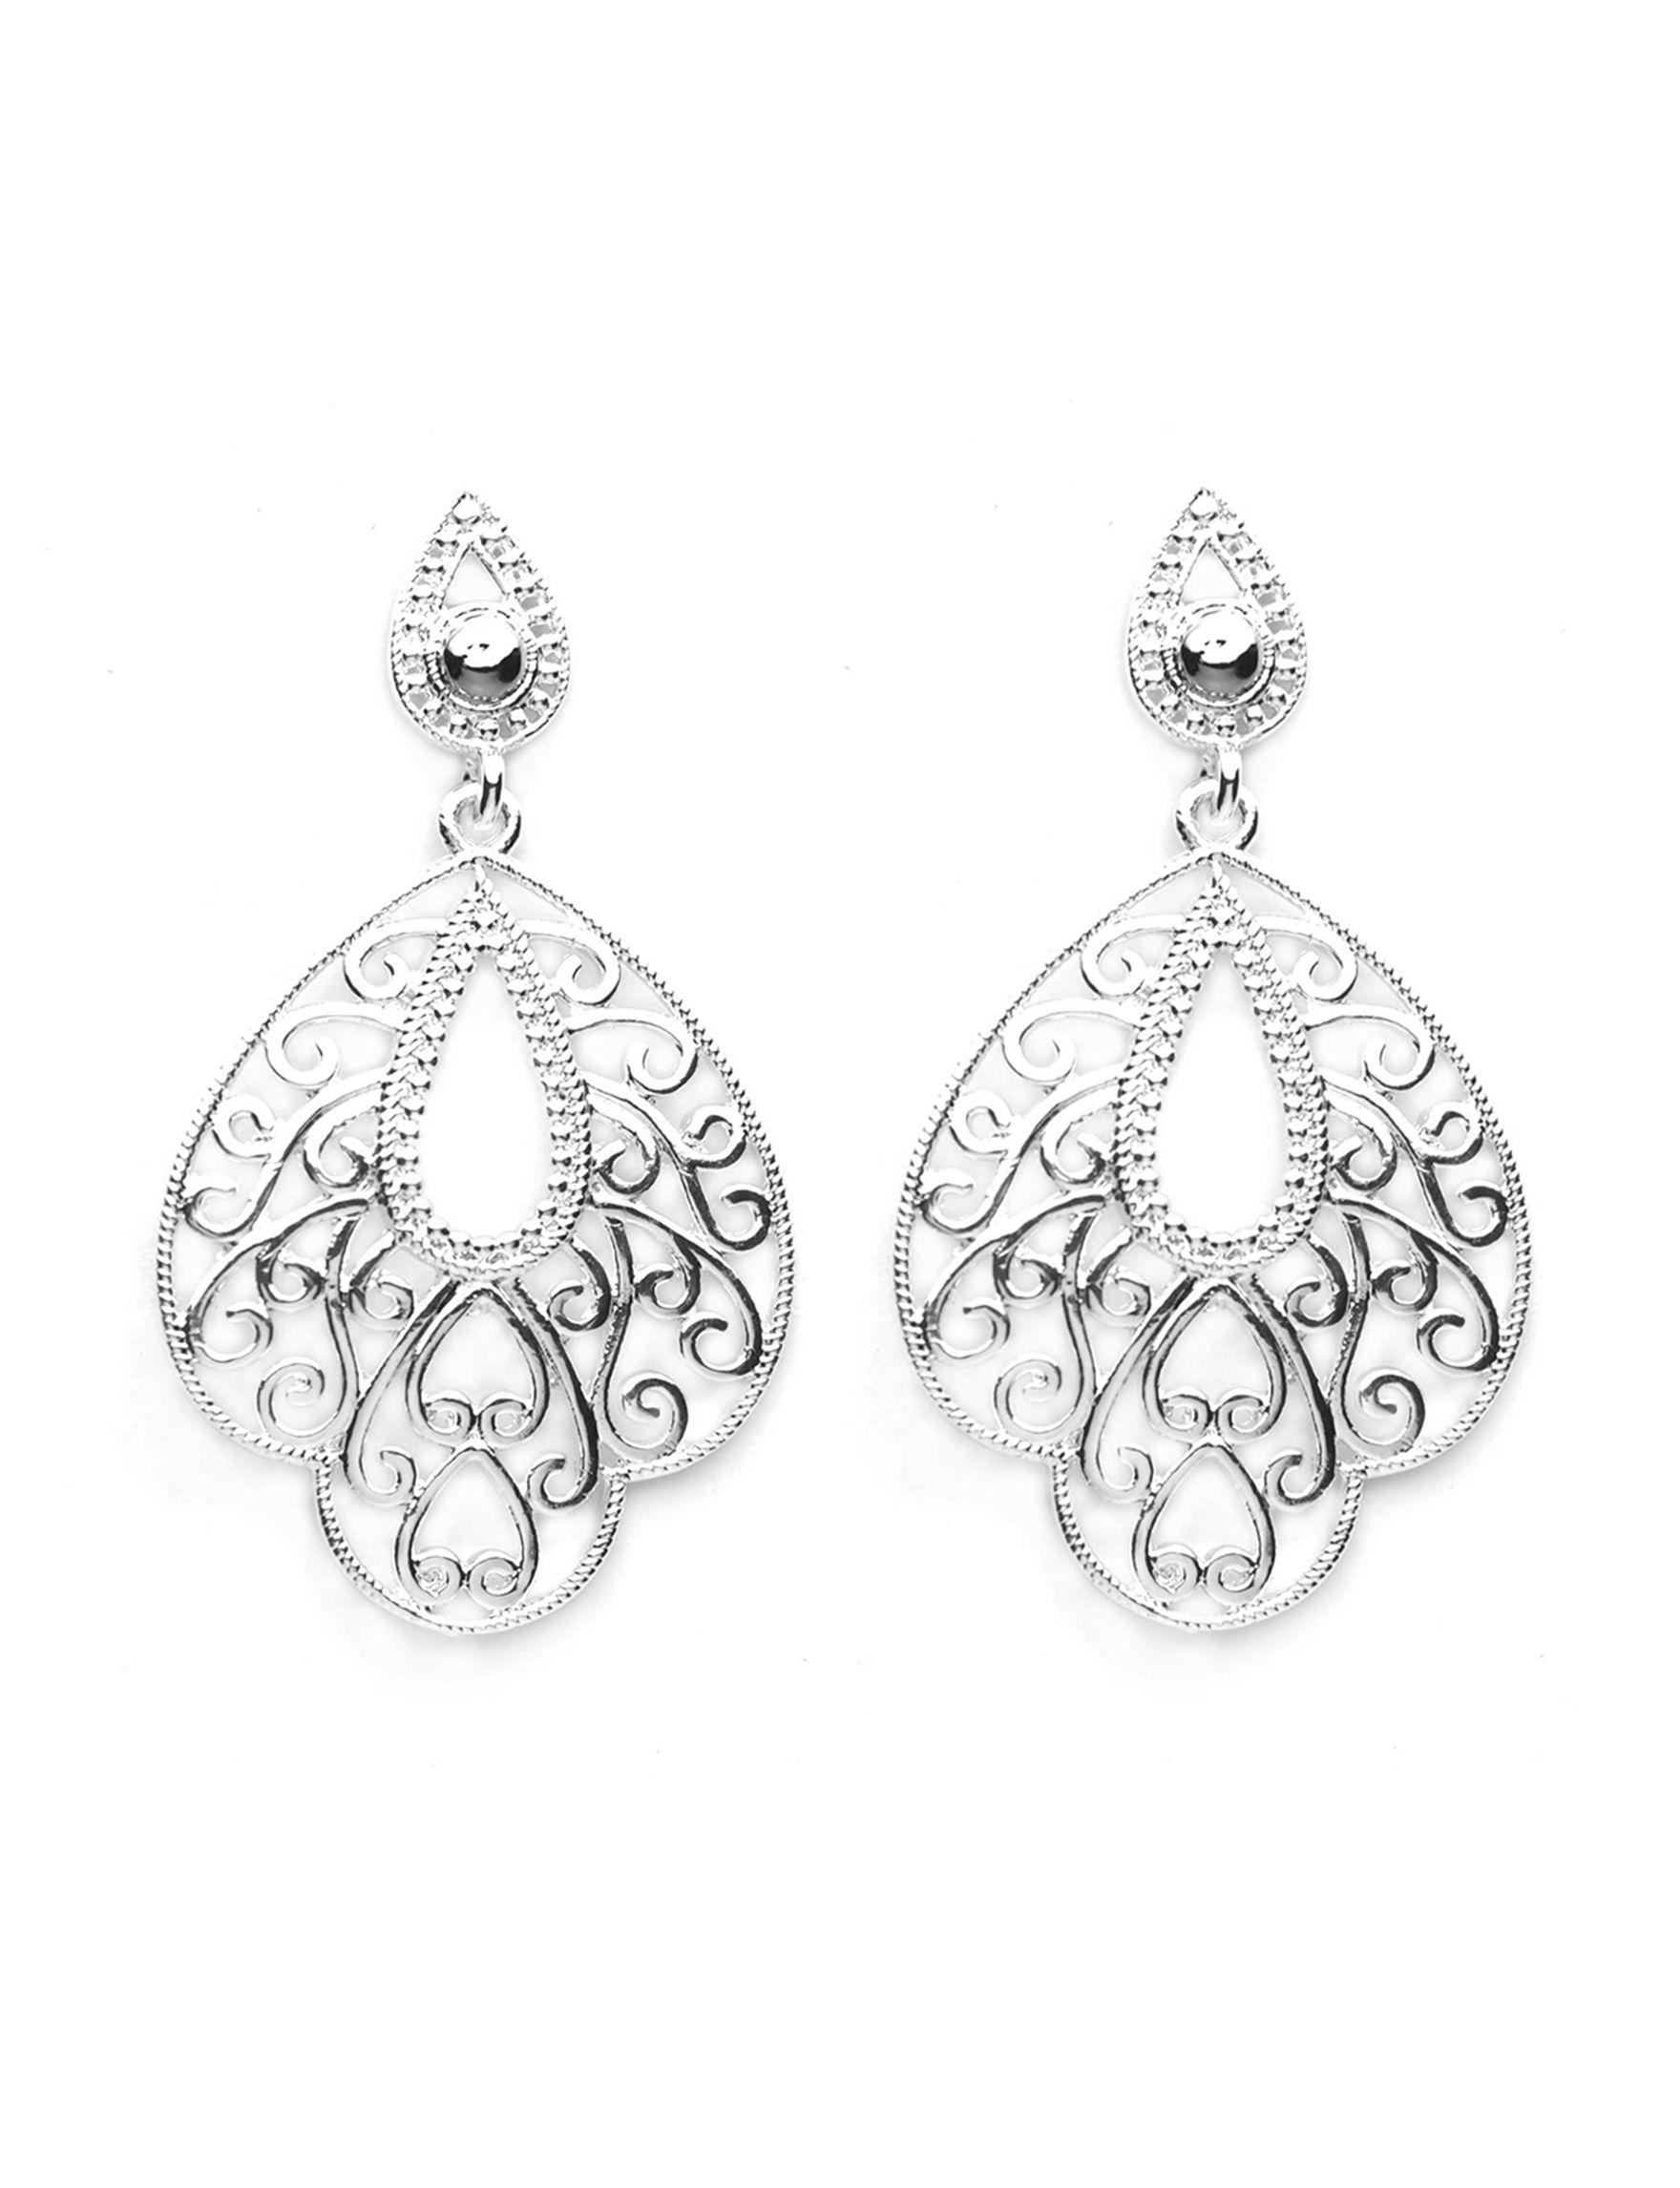 Danecraft Silver Drops Earrings Fine Jewelry